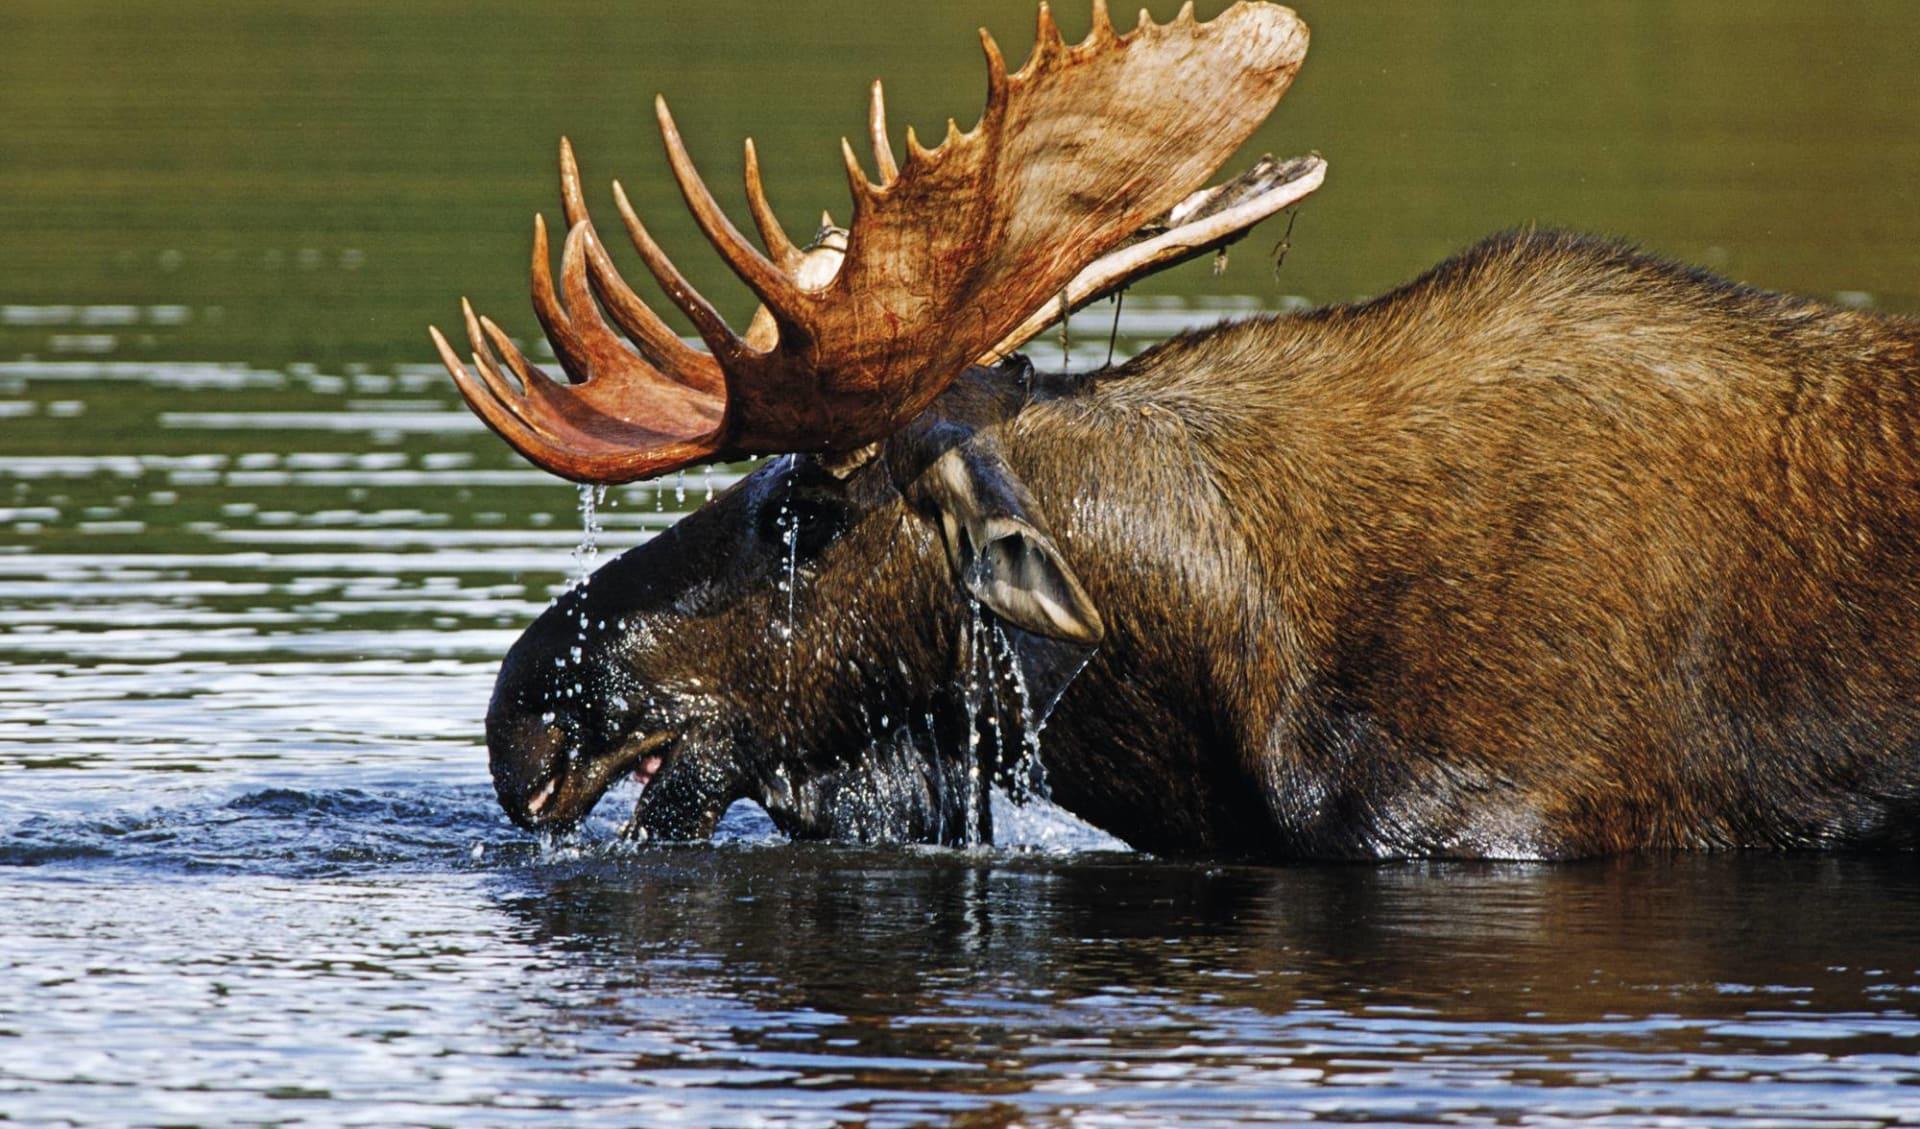 Okwari Tierbeobachtung ab La Baie: Ostkanada - Elch im Wasser